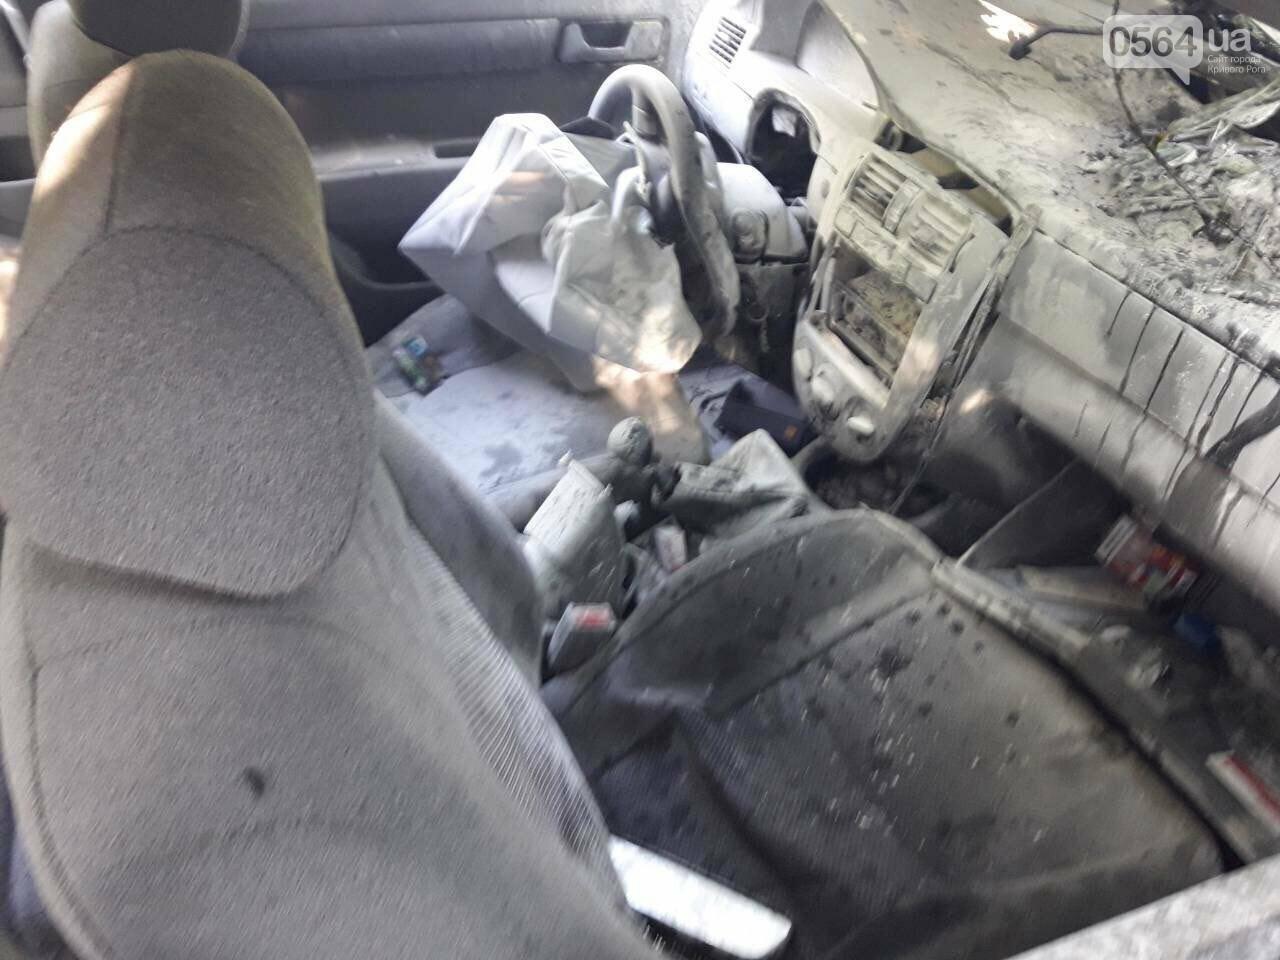 Стало известно, какие травмы получили двое подростков, которые попали в жуткое ДТП в Кривом Роге, - ФОТО, фото-1